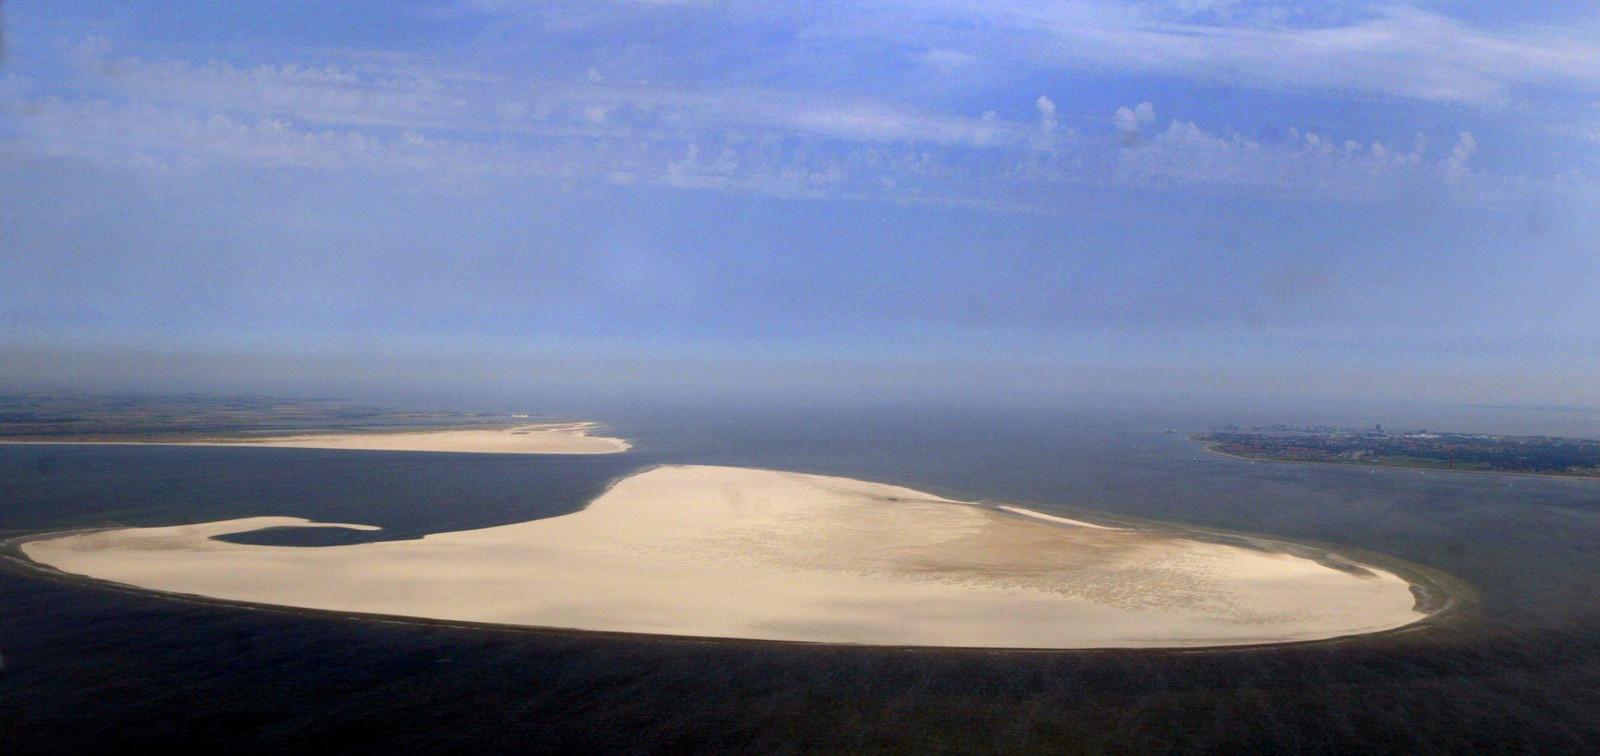 De zandplaat De Razende Bol, tussen Texel (links) en Den Helder (rechts)